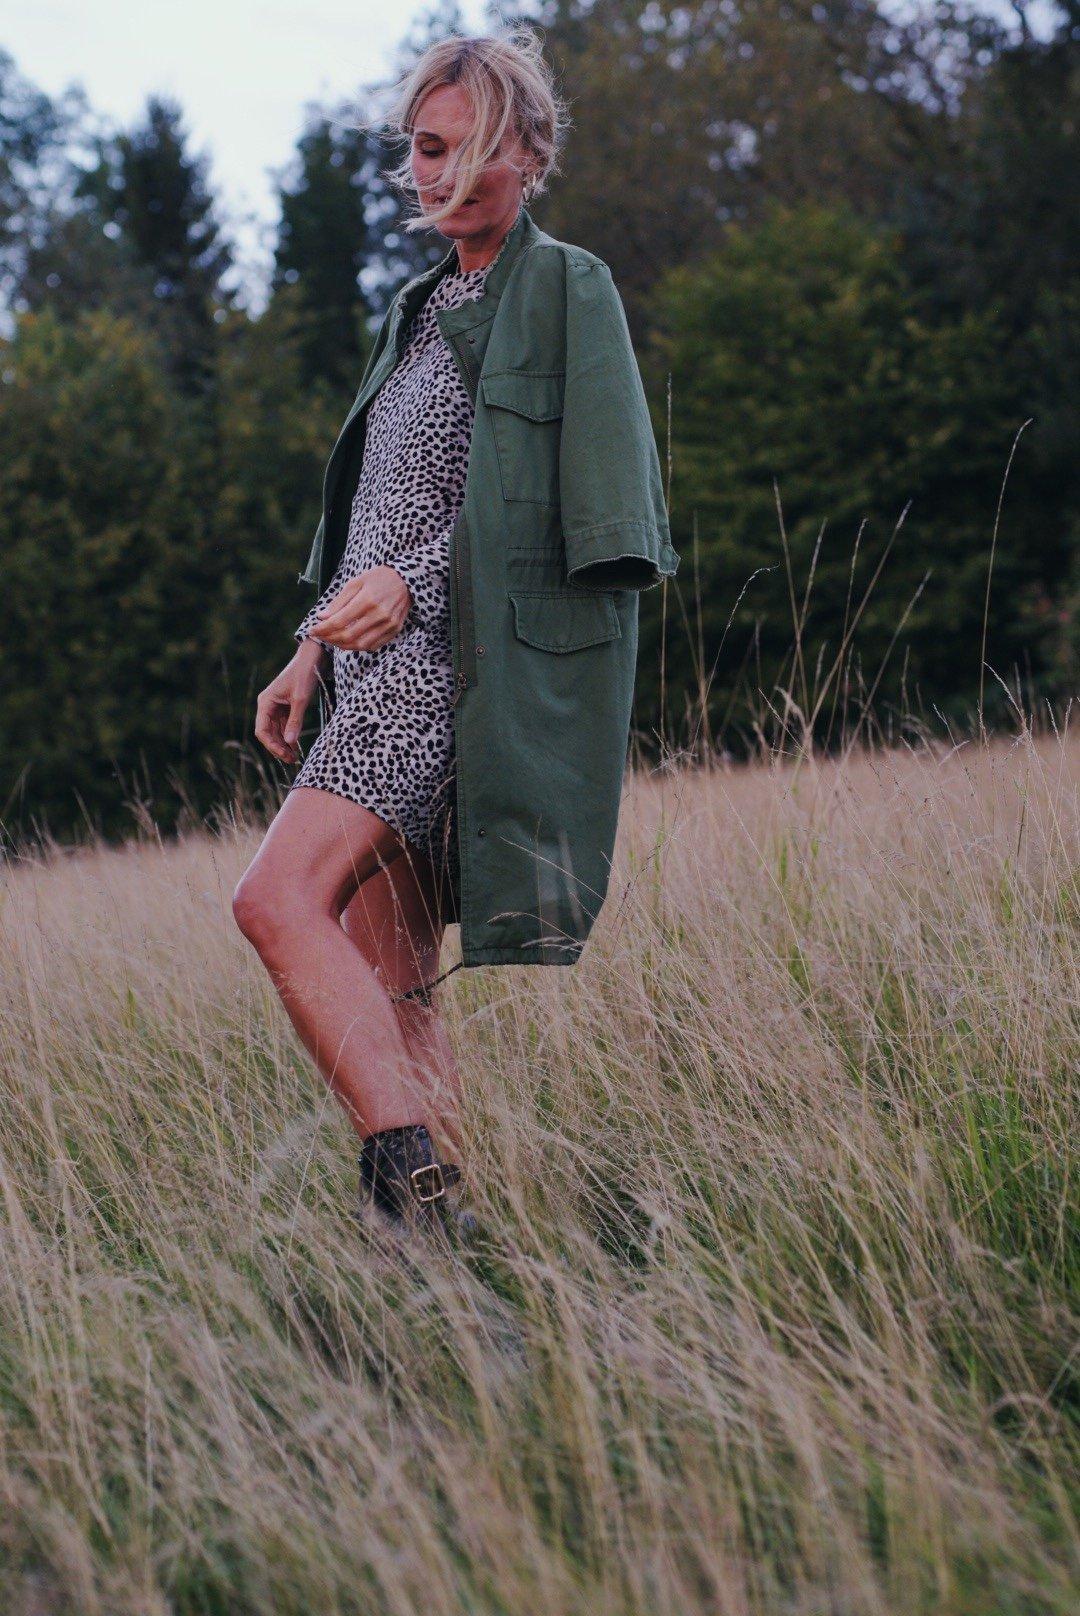 Nowshine Seidenkleid Anine Bing Sommer ue-30-mode ue-40-Blog